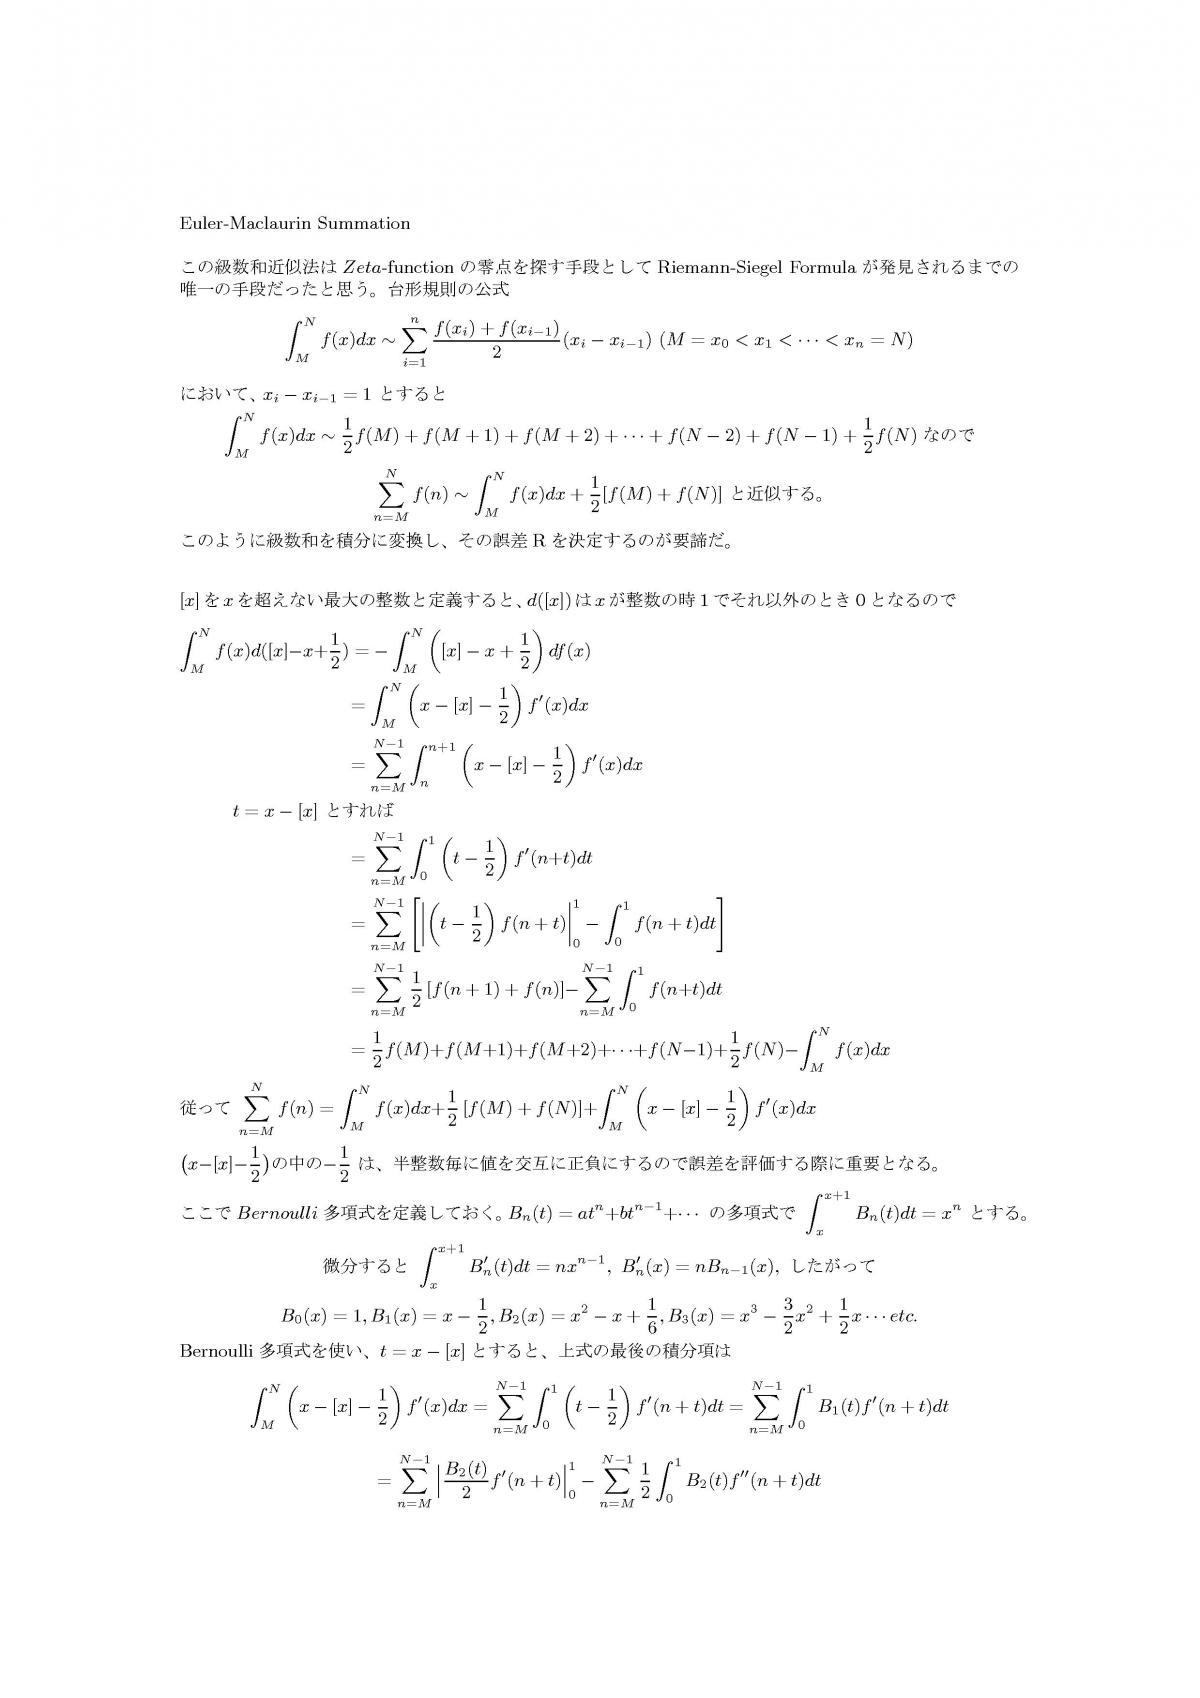 オイラーマクローリン総和法1